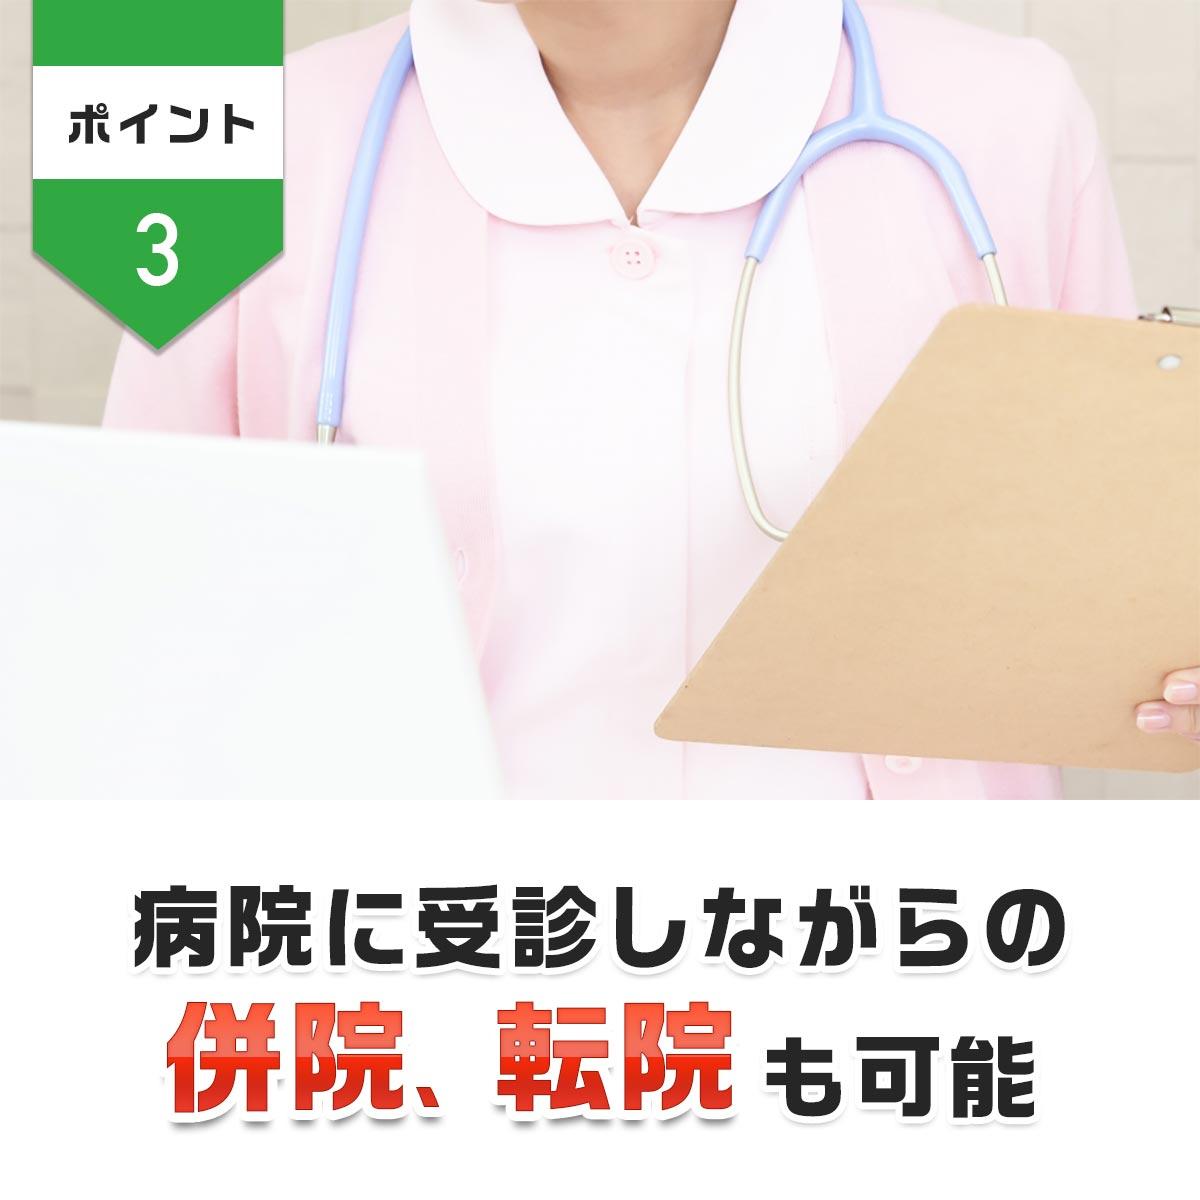 病院に受診しながらの併院、転院も可能